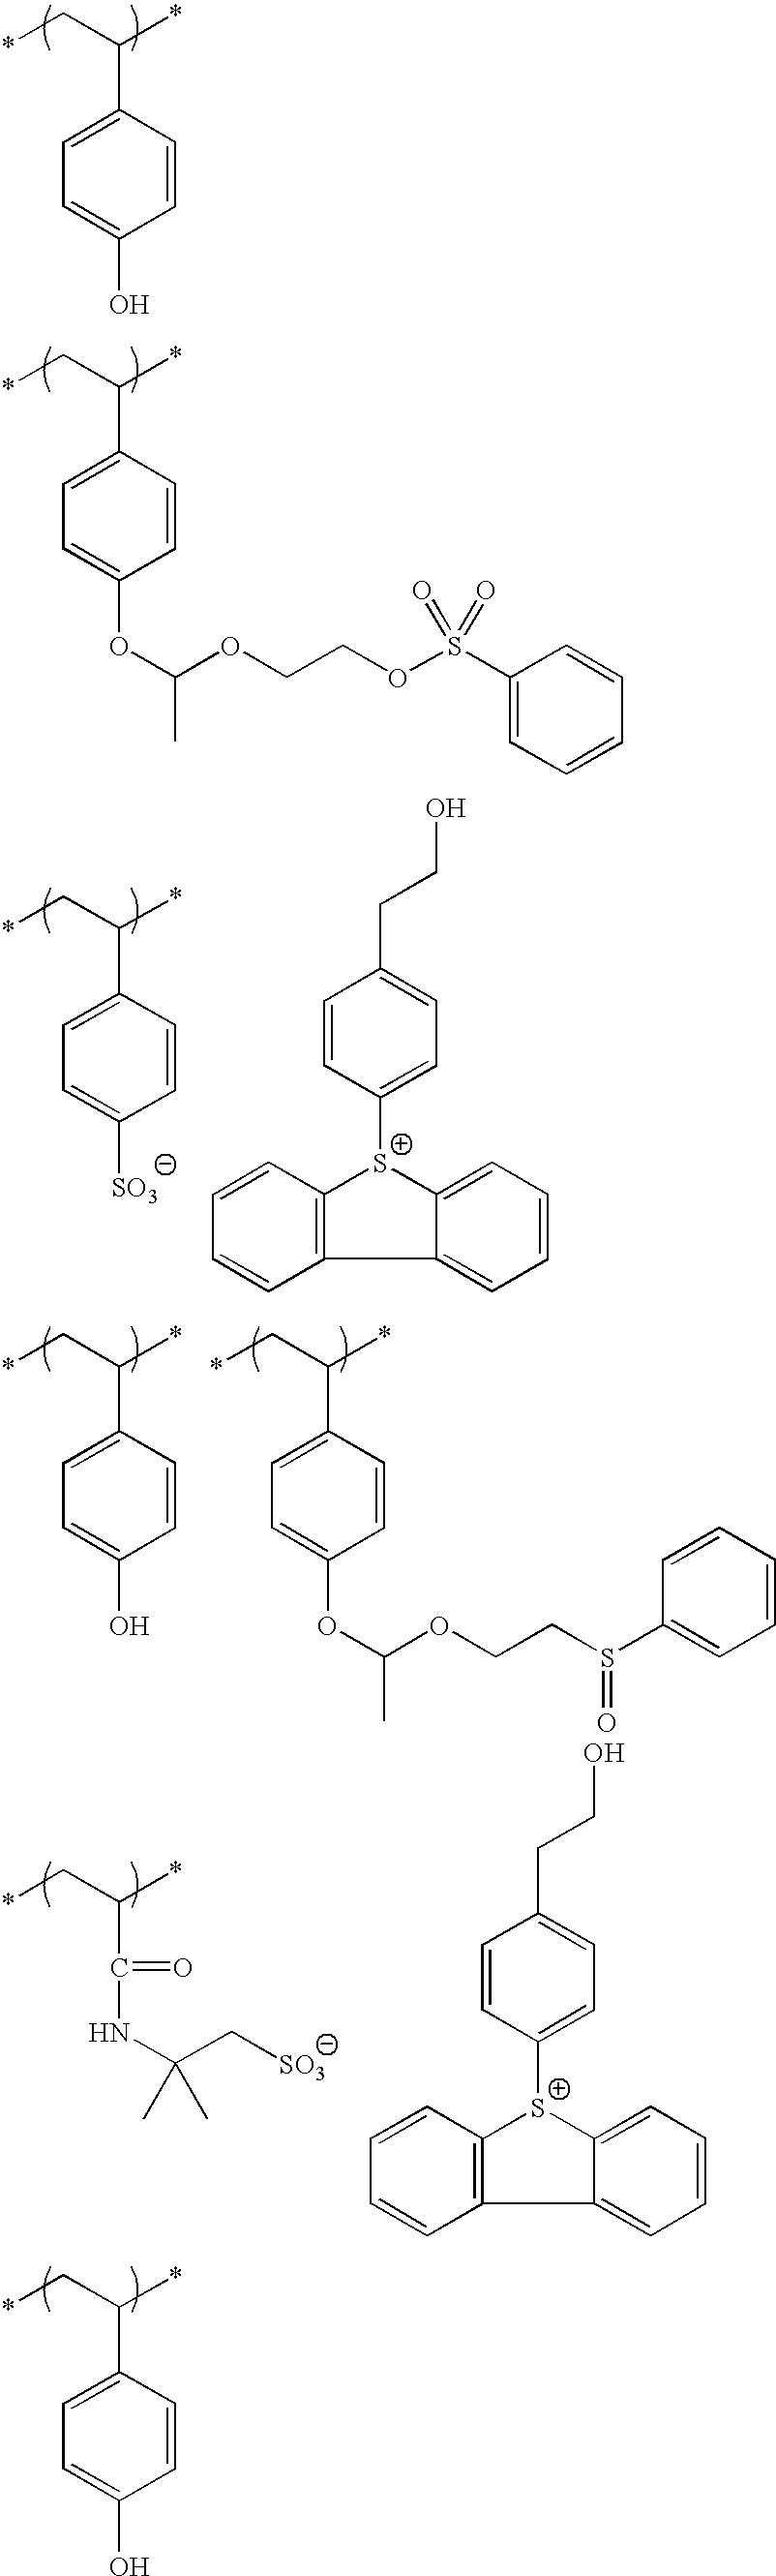 Figure US20100183975A1-20100722-C00179